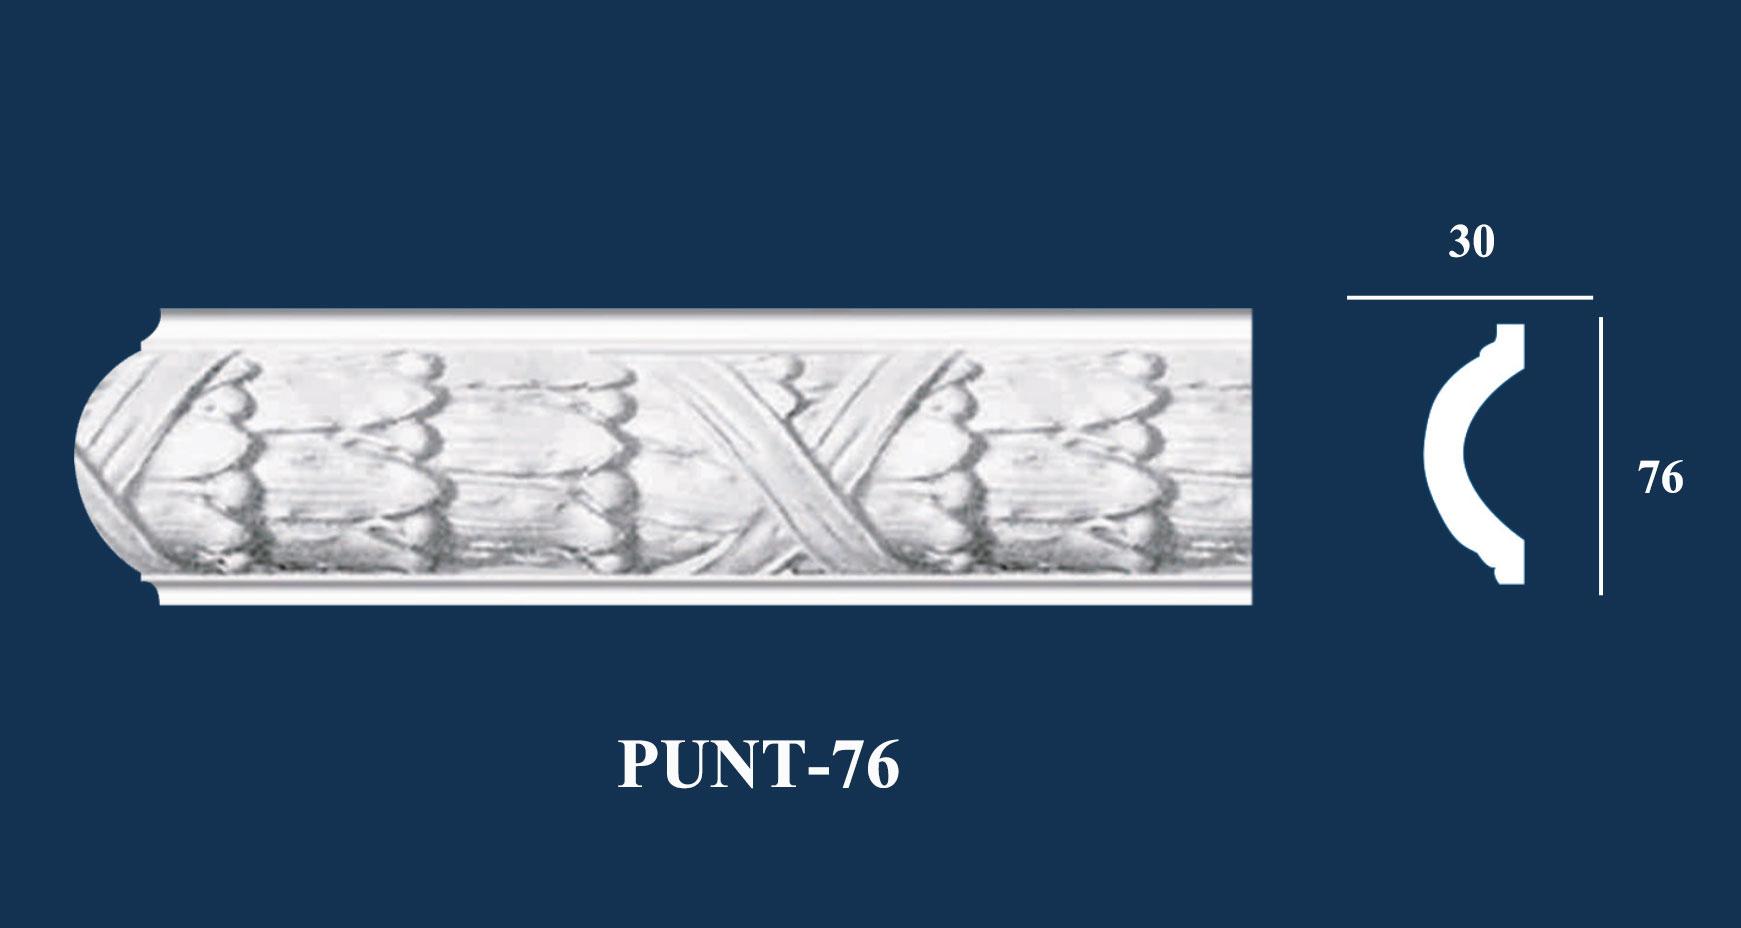 Chỉ Nẹp Hoa VănTrang Trí - PUNT-76